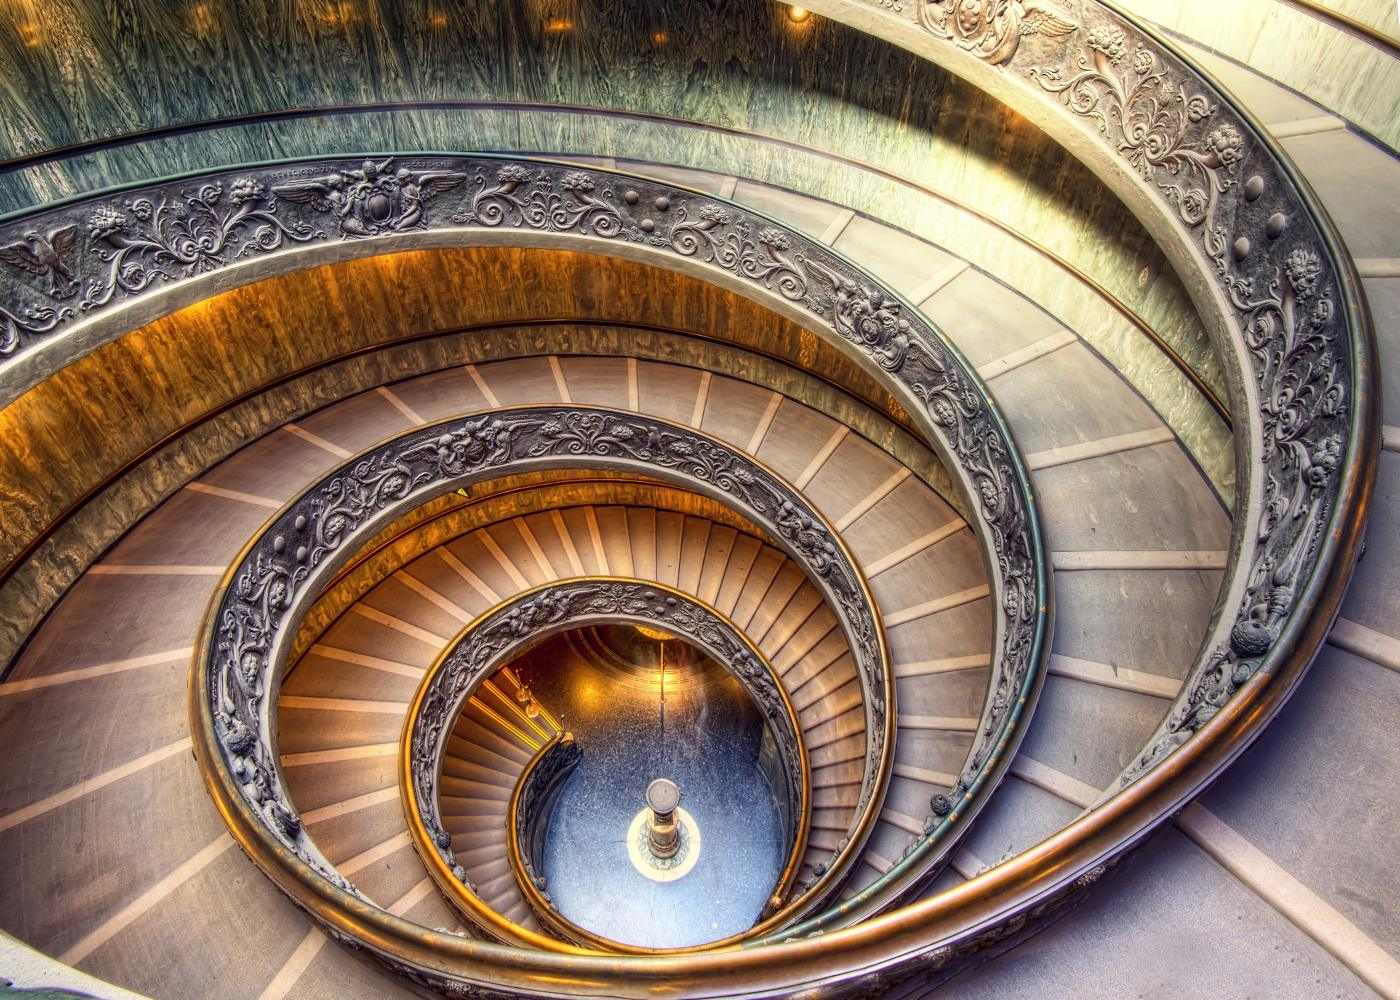 Vaticano está na lista dos sítios onde não pode (nem deve) entrar